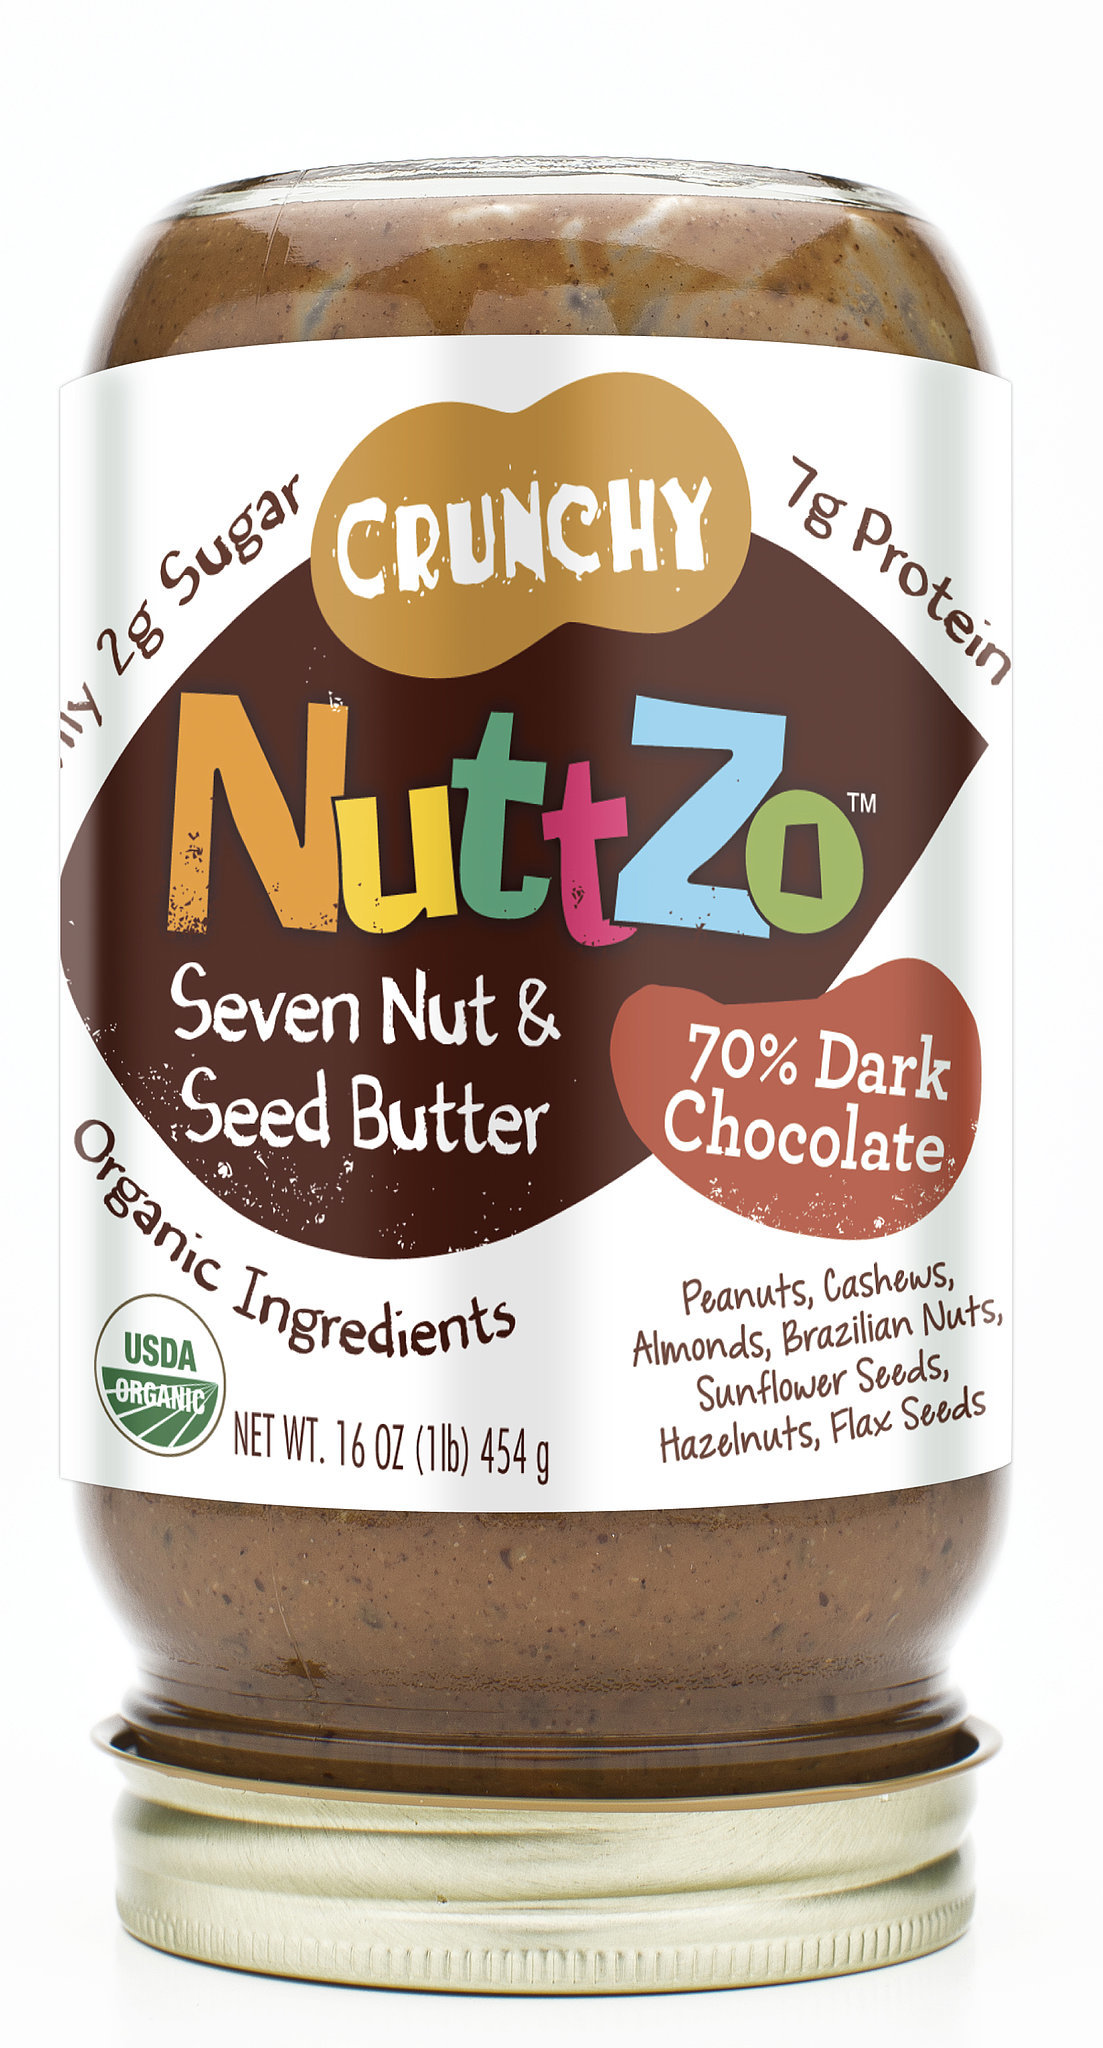 Nuttzo Dark Chocolate Crunchy Nut Butter